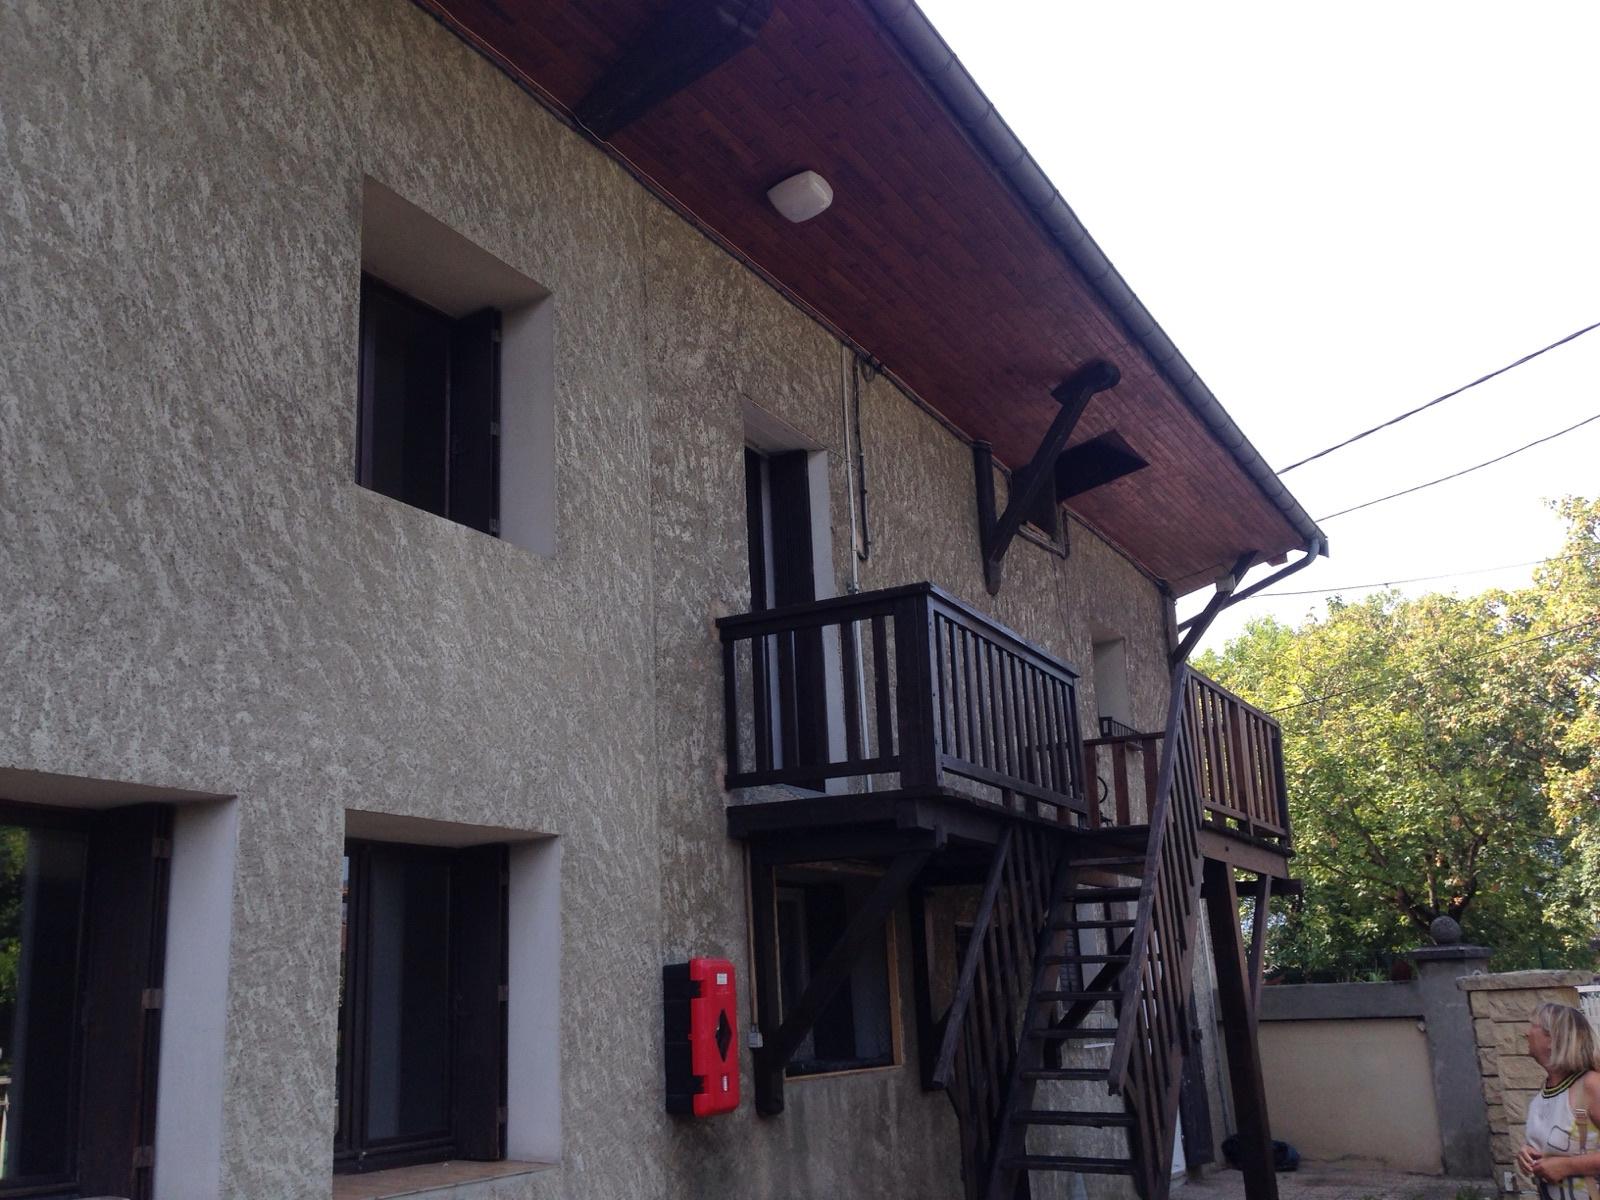 Vente Eybens Le Bourg 3 Appartements Dans Maison